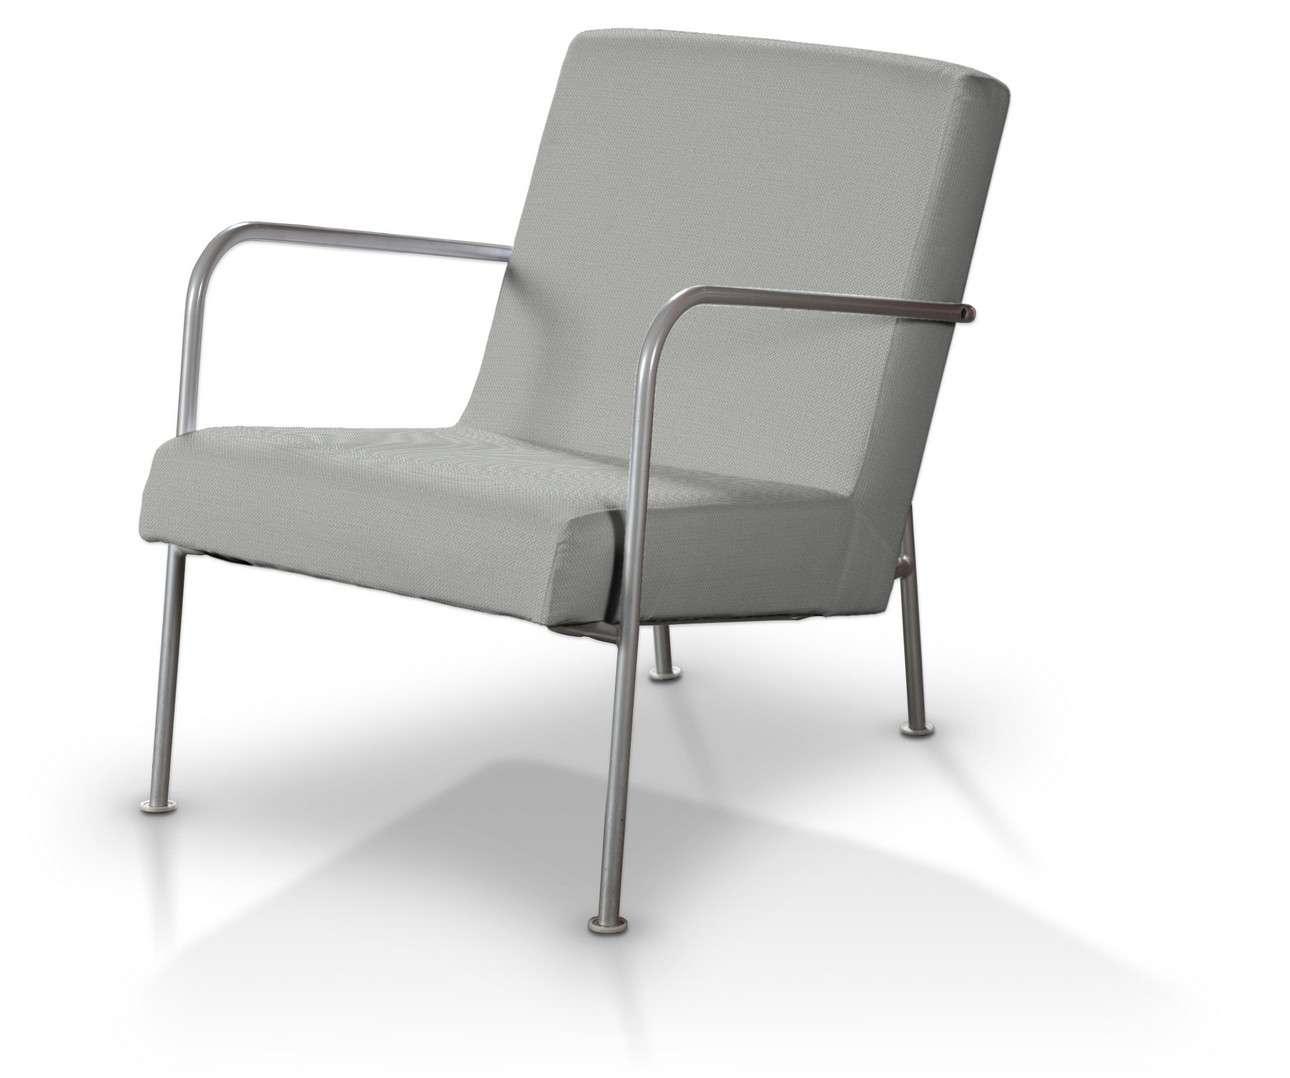 Bezug für Ikea PS Sessel von der Kollektion Bergen, Stoff: 161-72